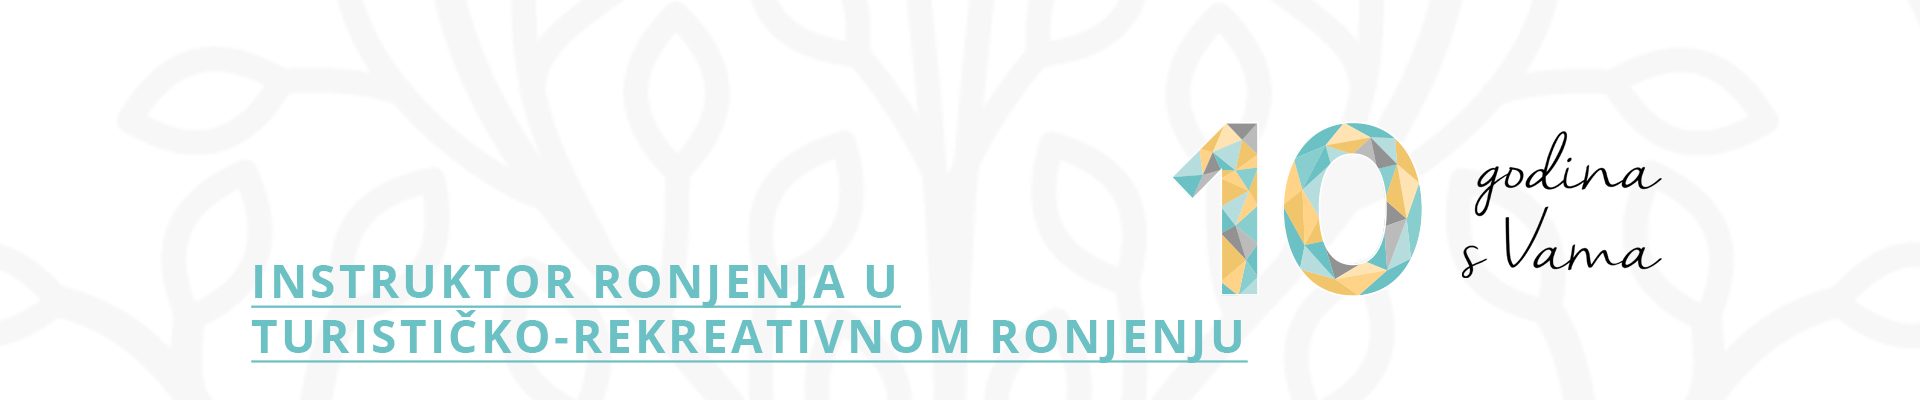 Ustanova Magistra Instruktor Ronjenja u Turističko-Rekreativnom Ronjenju